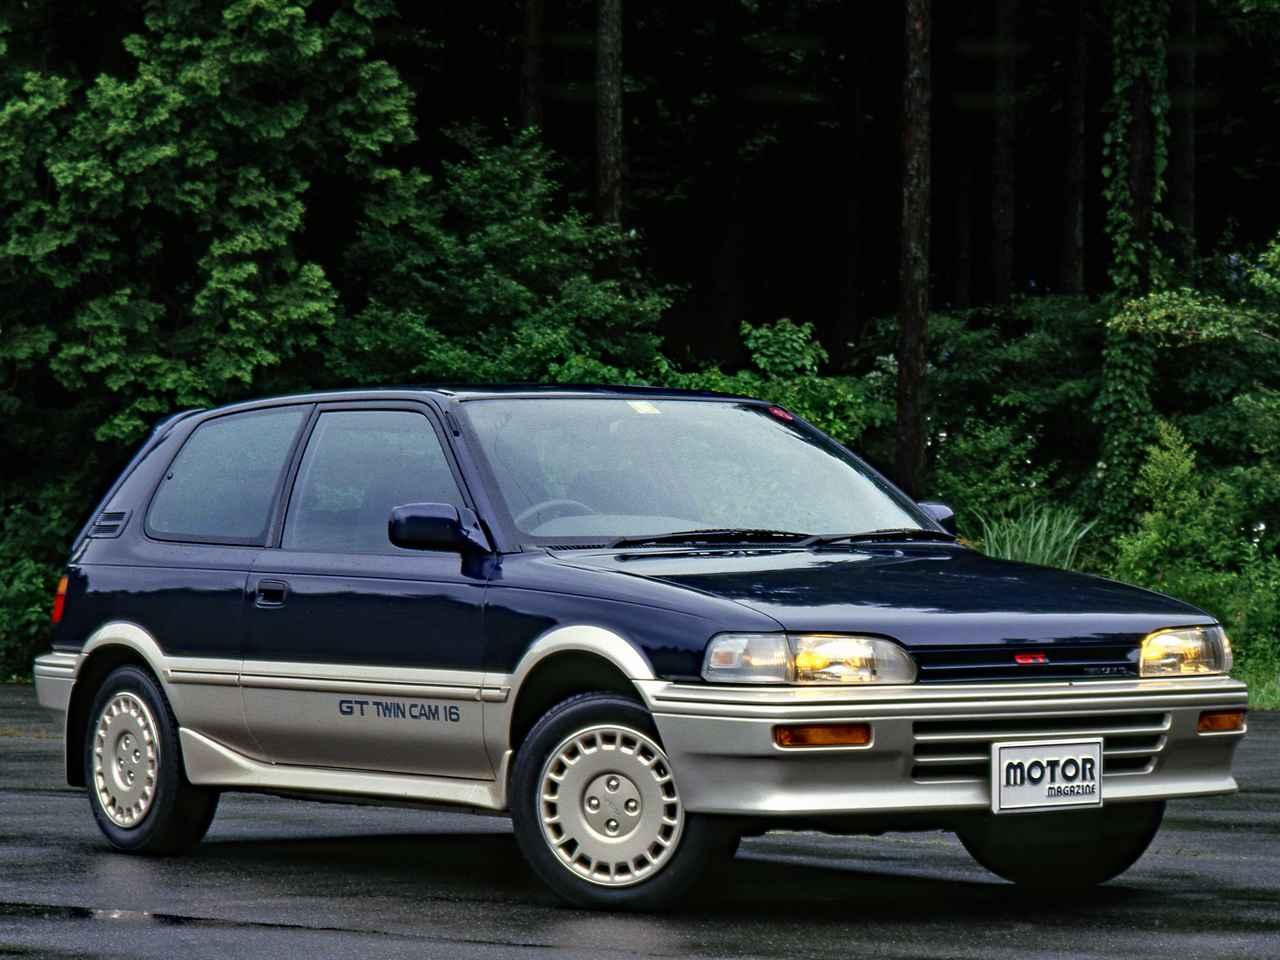 【昭和の名車 179】2代目となったカローラFXはクラスを超えた高品質感を訴求した